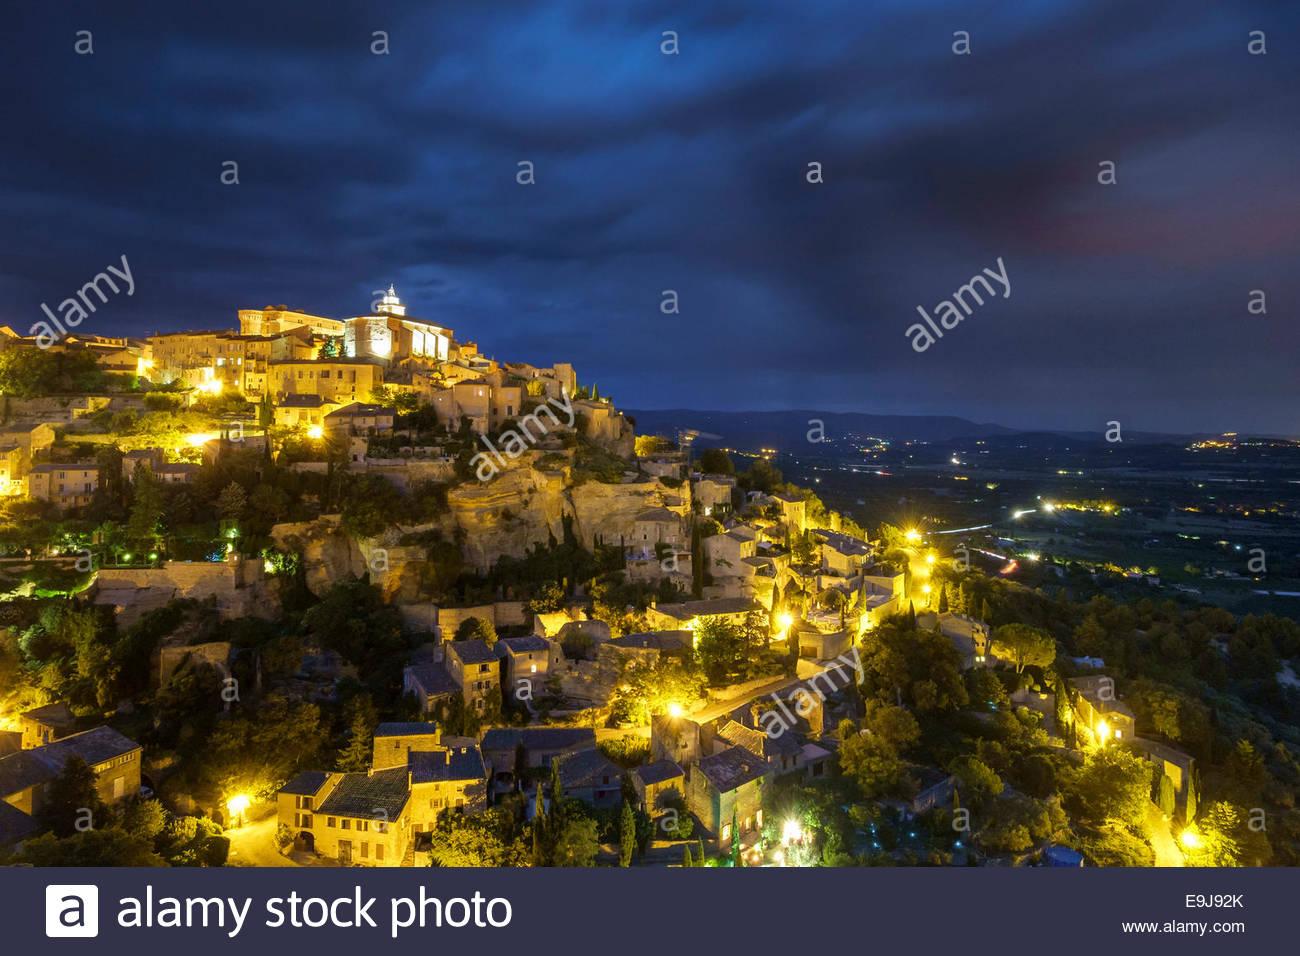 Ville de Gordes la nuit, Vaucluse, Provence-Alpes-Côte d'Azur, France Photo Stock